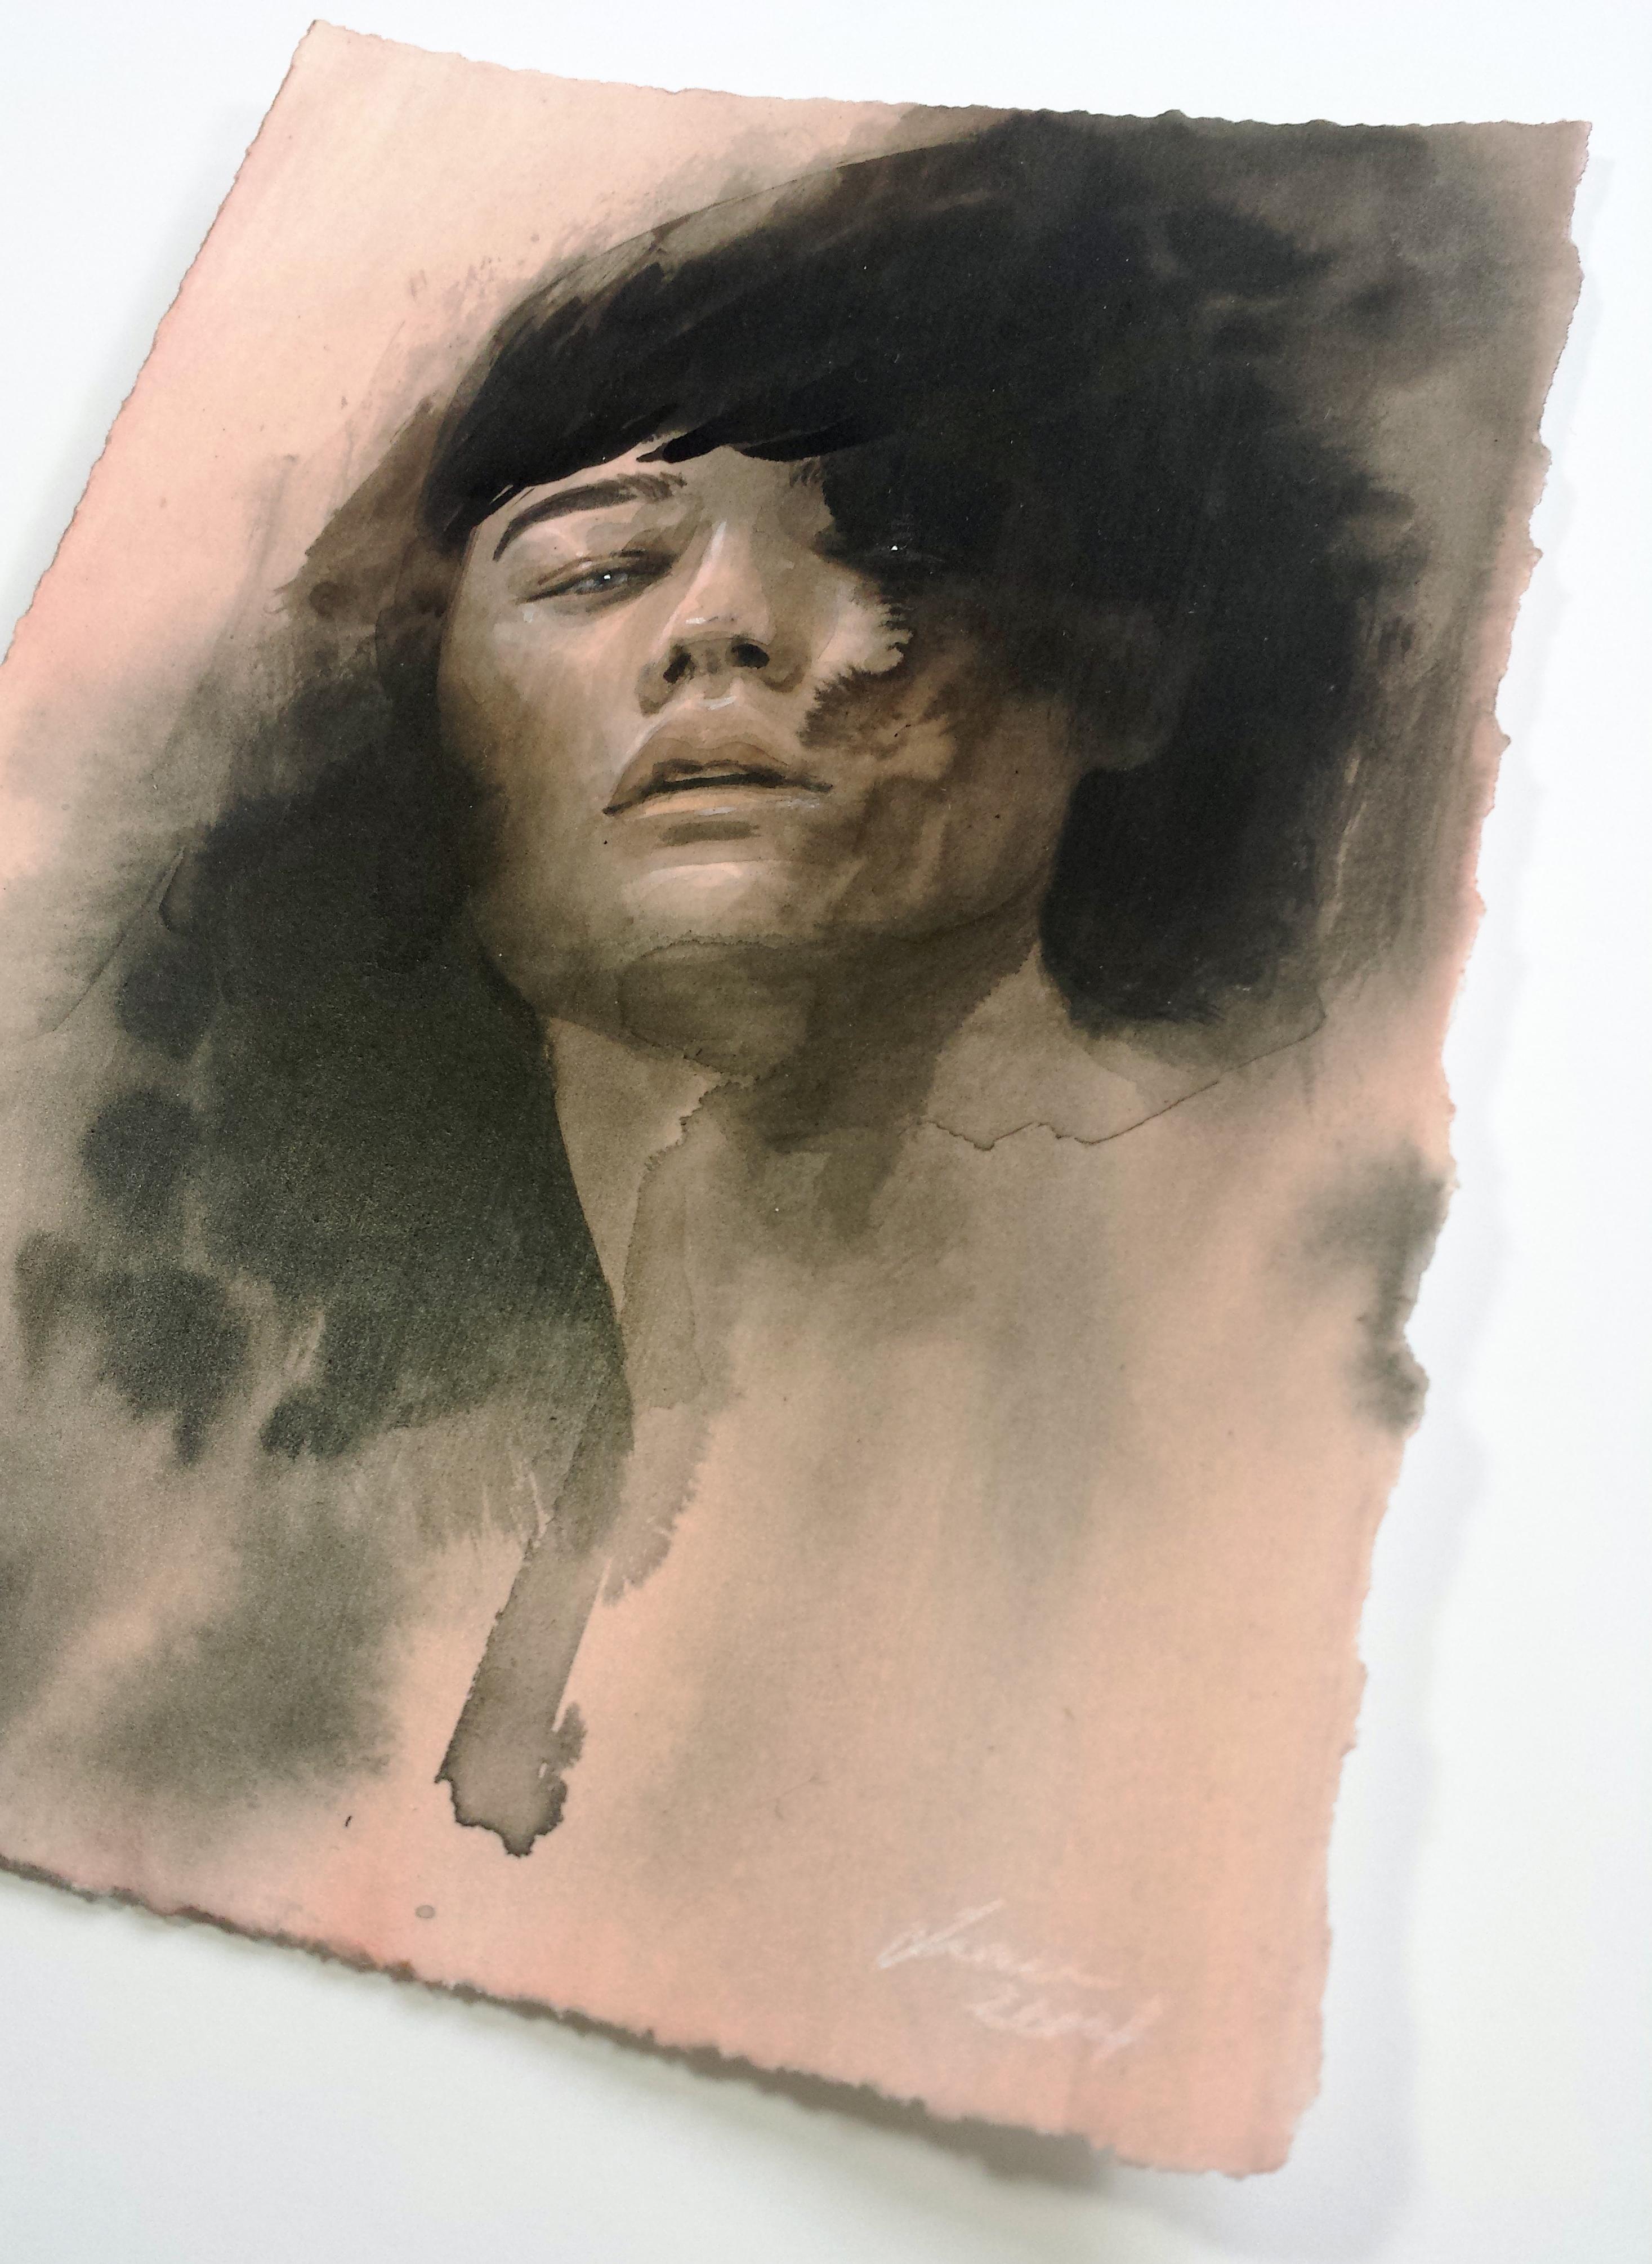 Study #7 by Tran Nguyen